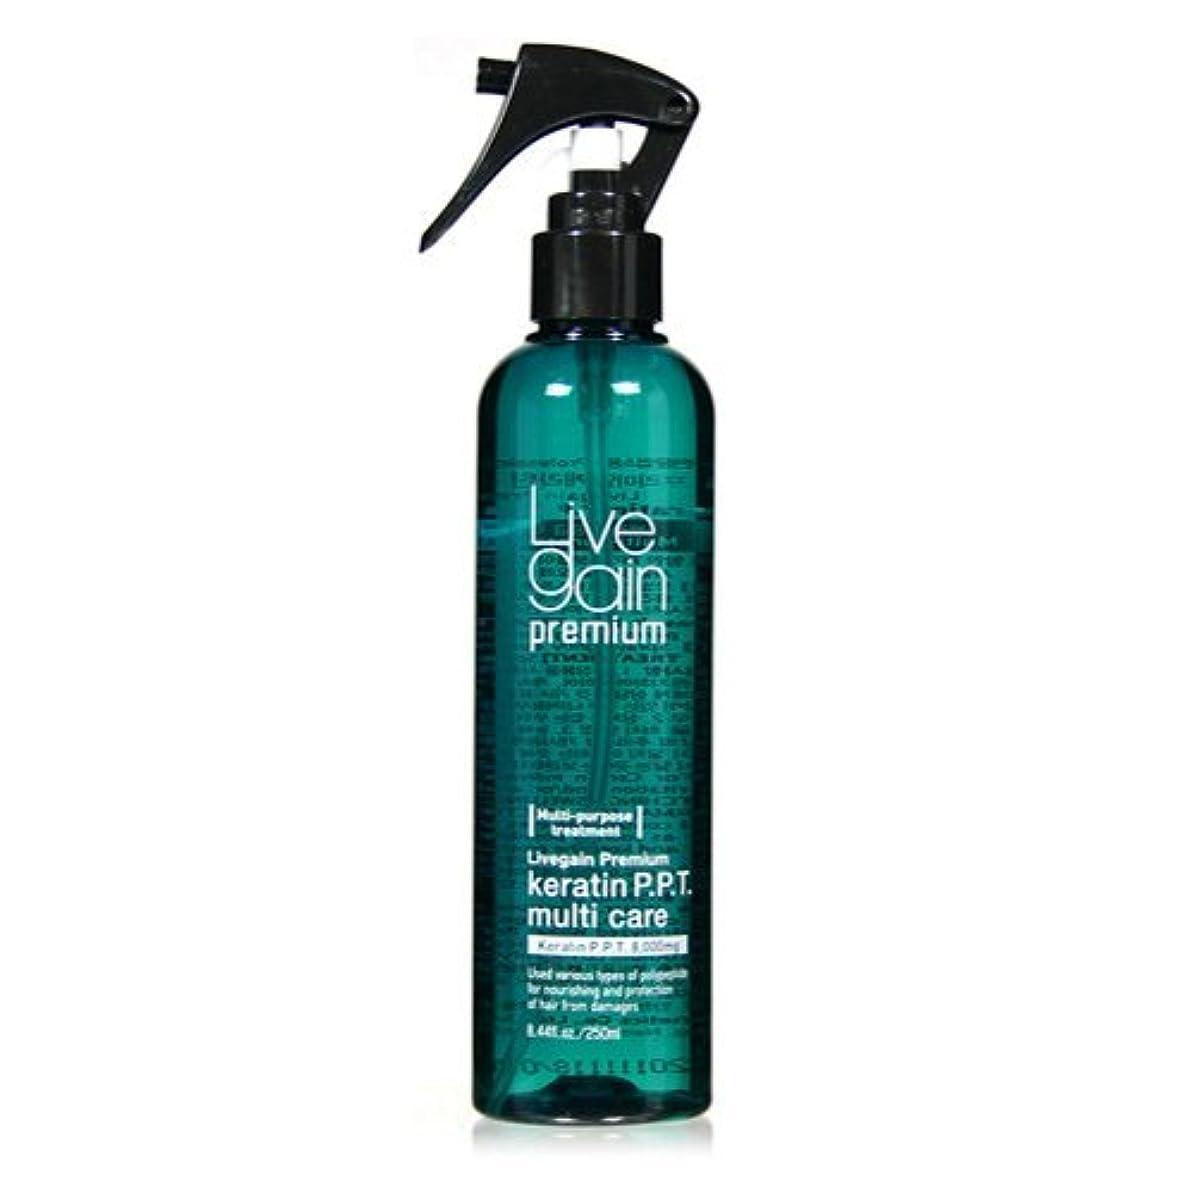 同種の体系的に農民Livegain プレミアム ケラチン PPT マルチ ヘア ケア 250ml - プレ & アフター トリートメント - カラーリング & パーマ ヘア 最適 - モイスチャライザー & デタングラー ( Livegain Premium Keratin PPT Multi Hair Care 250ml - Pre & After Treatment- Best for Colored & Perm Hair - Moisturizer & Detangler ) [並行輸入品]